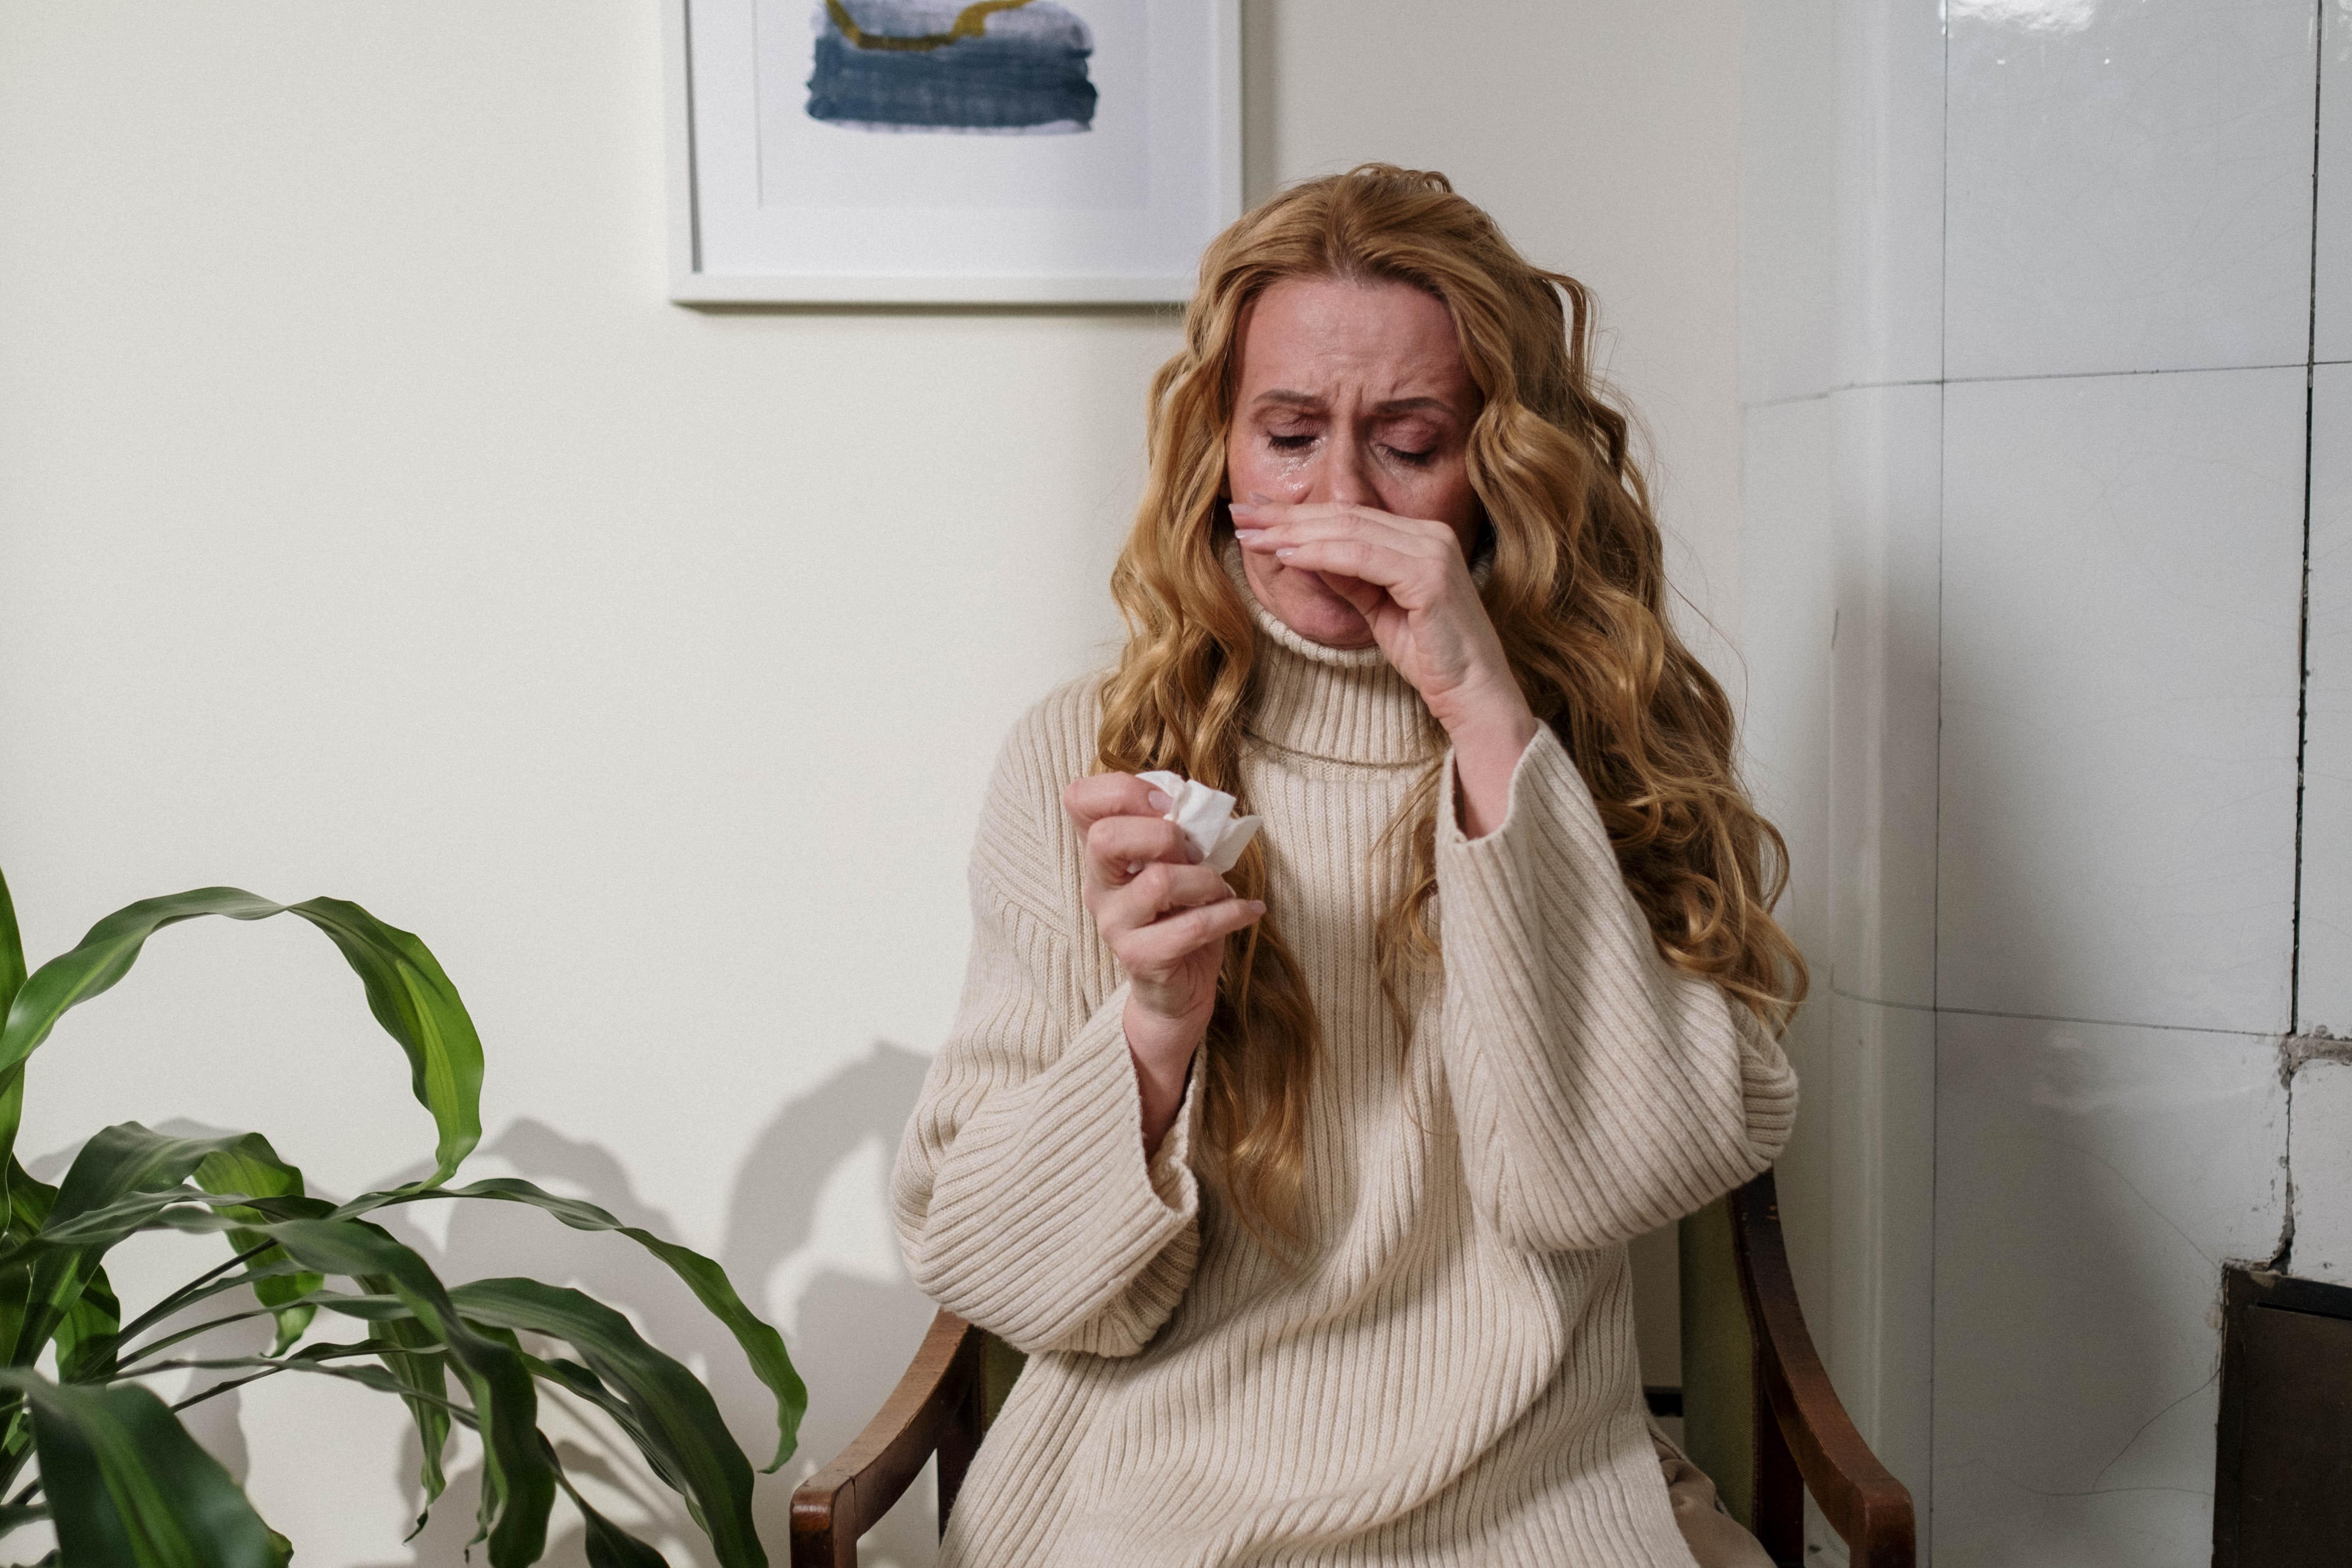 Opțiuni la medicamentele care pot provoca demență și pierderea memoriei